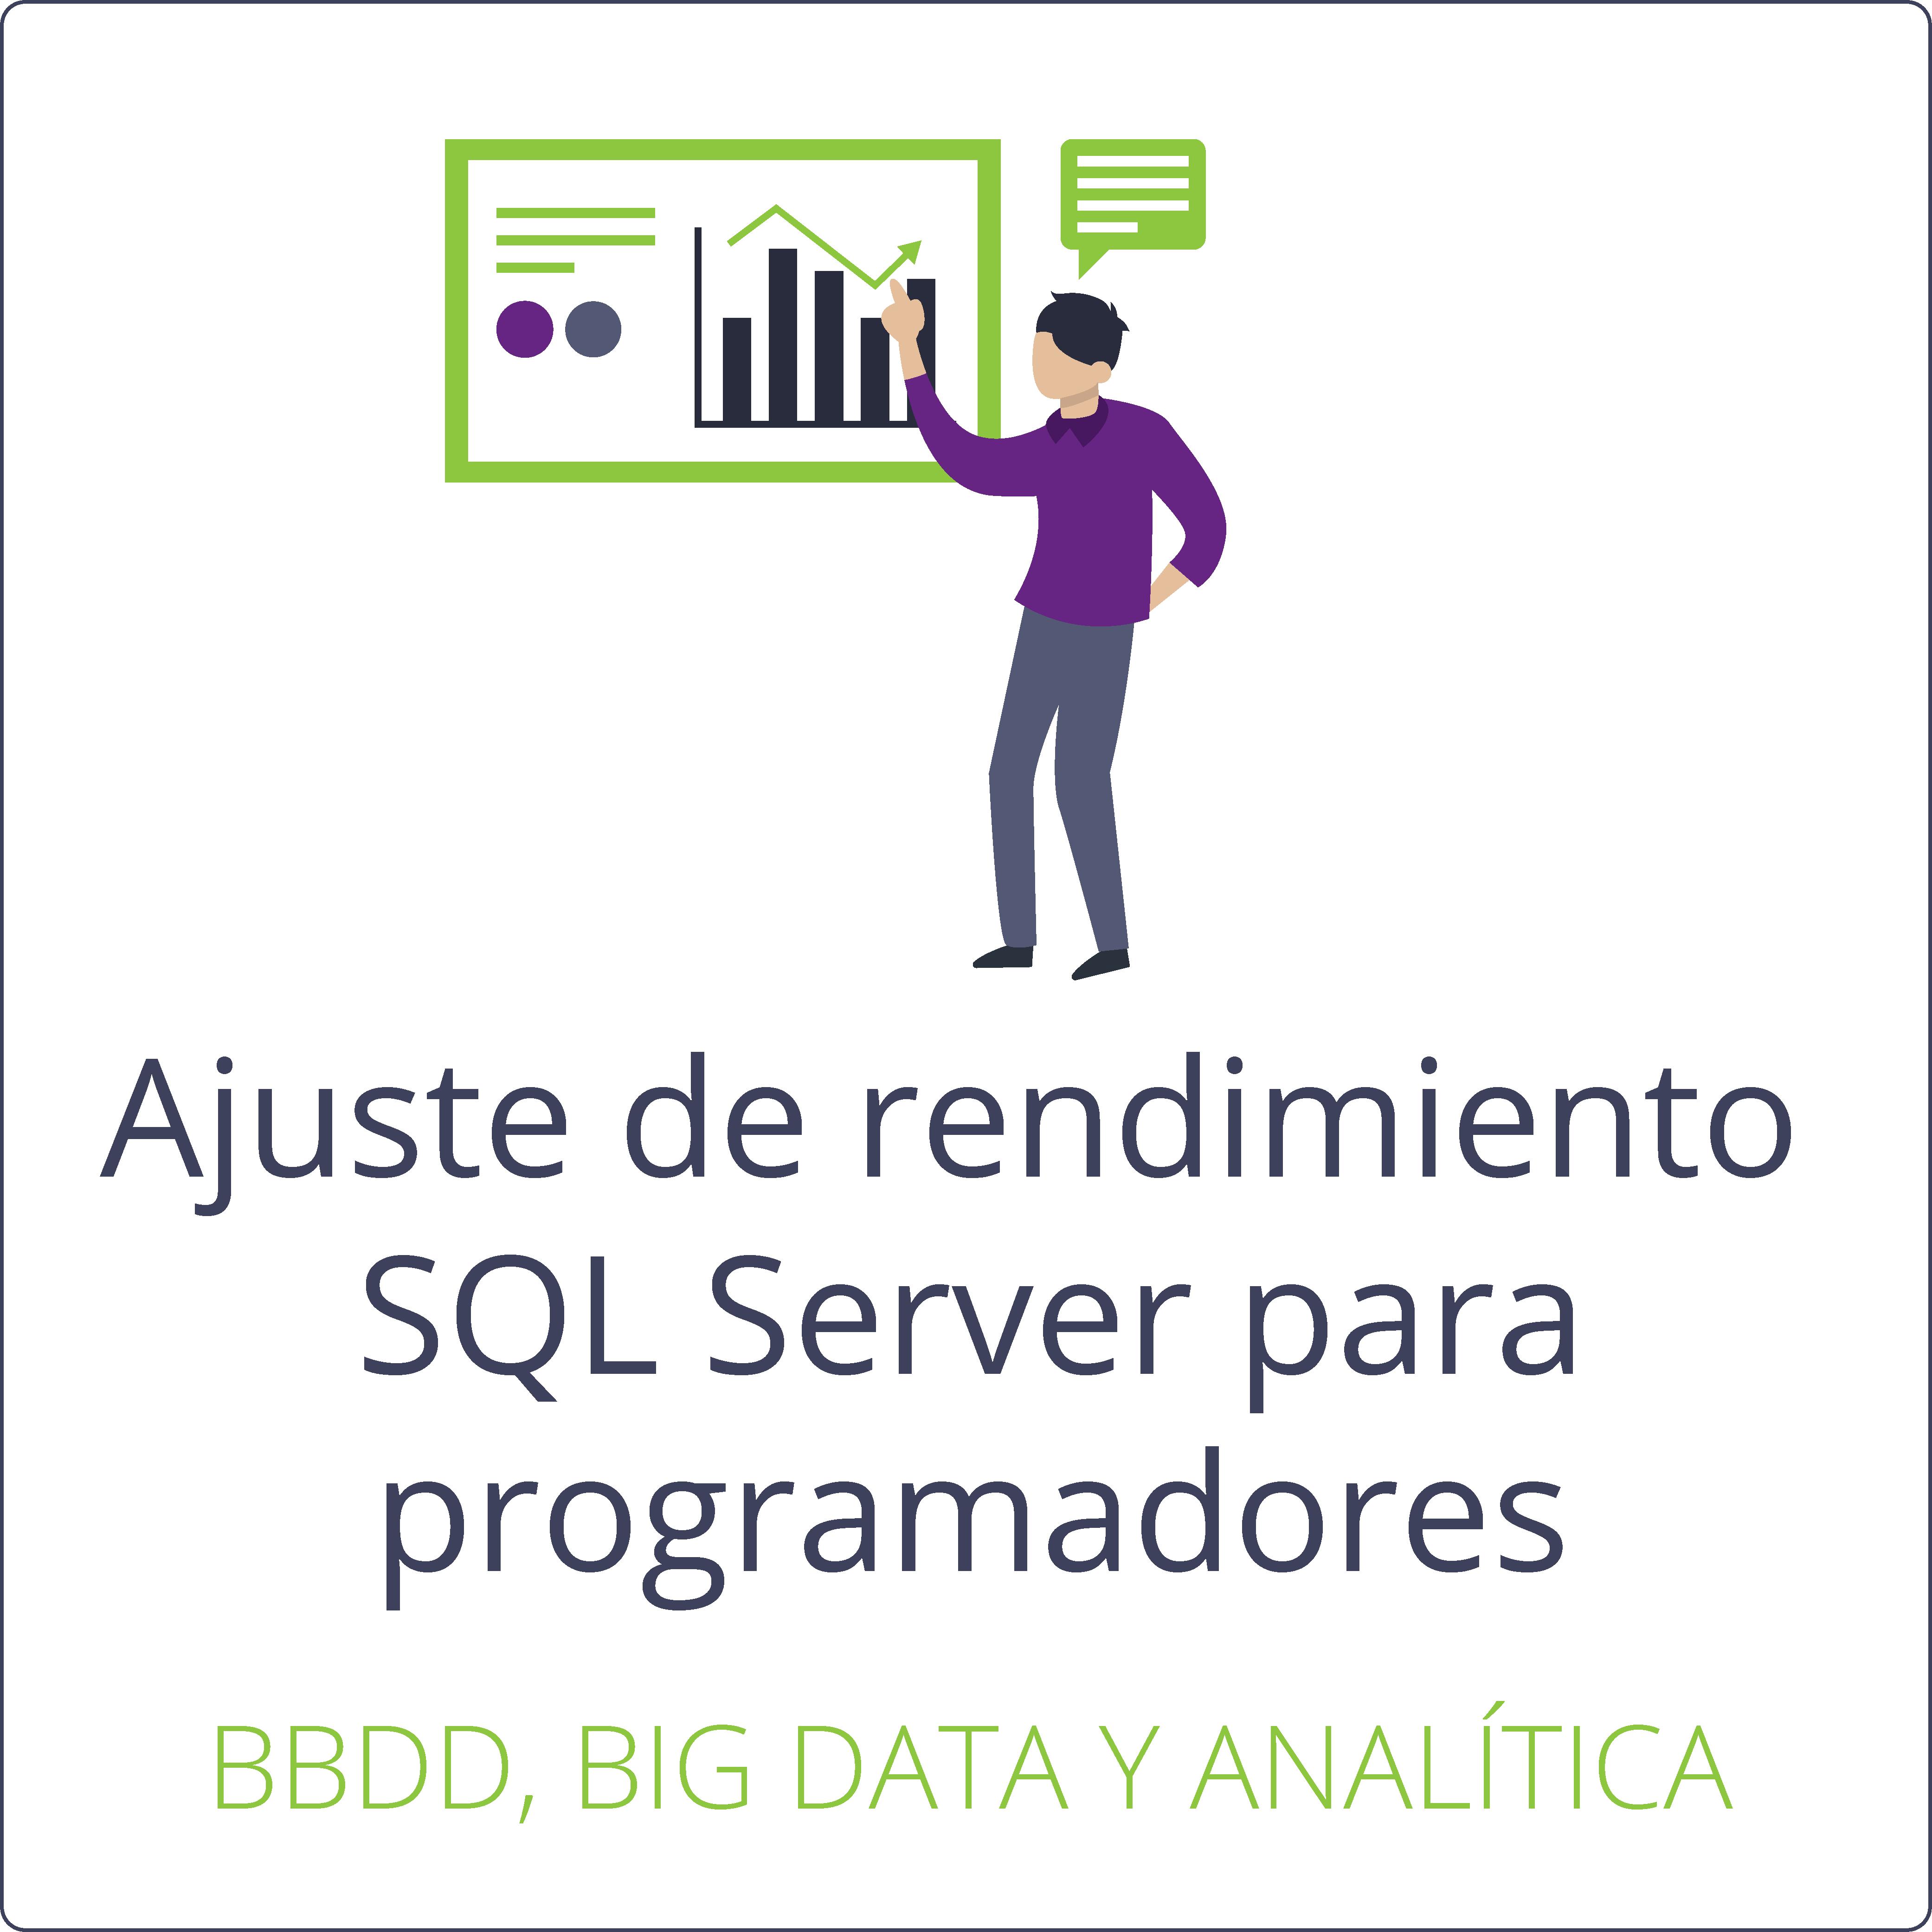 Ajuste de rendimiento SQL Server para programadores